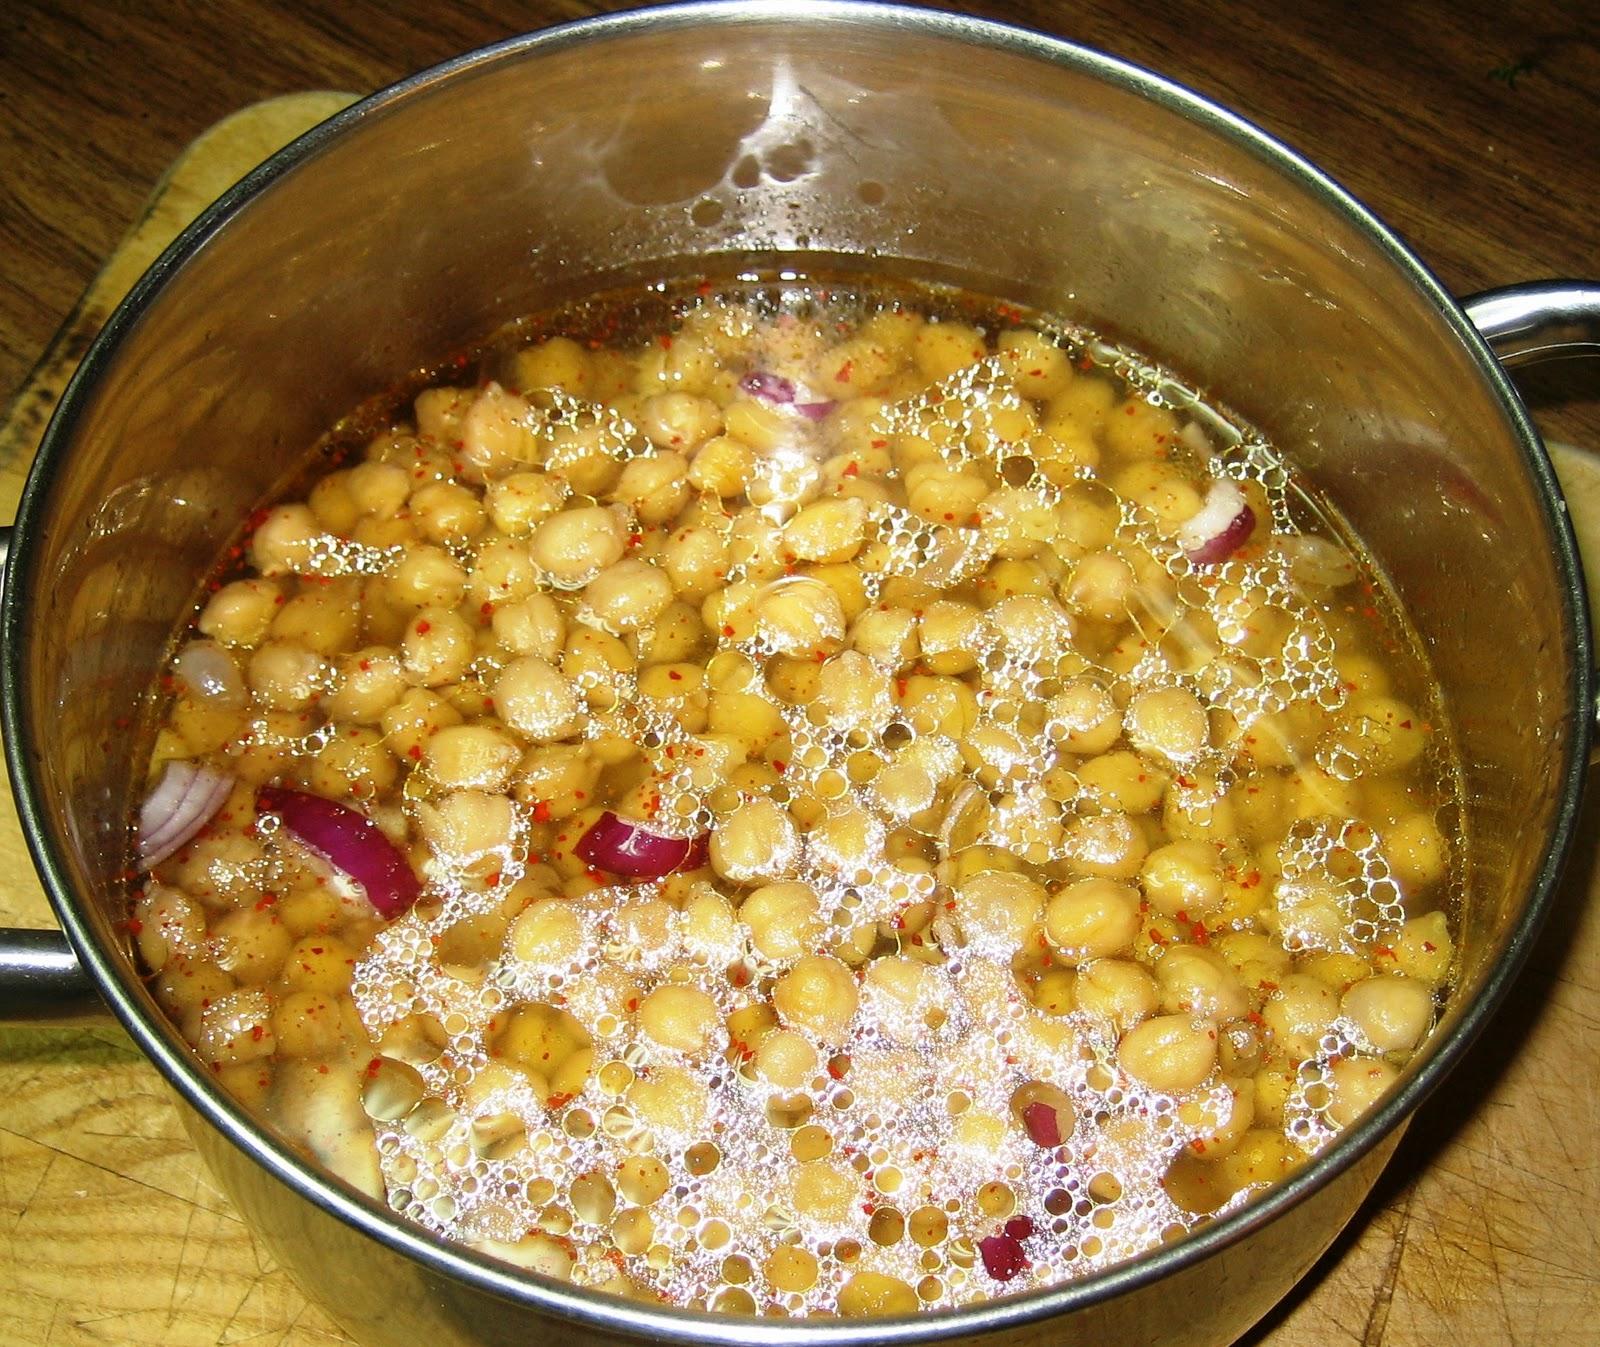 ... Pasta with Chickpeas and Arugula - Pasta Fresca con Ceci e Rucola